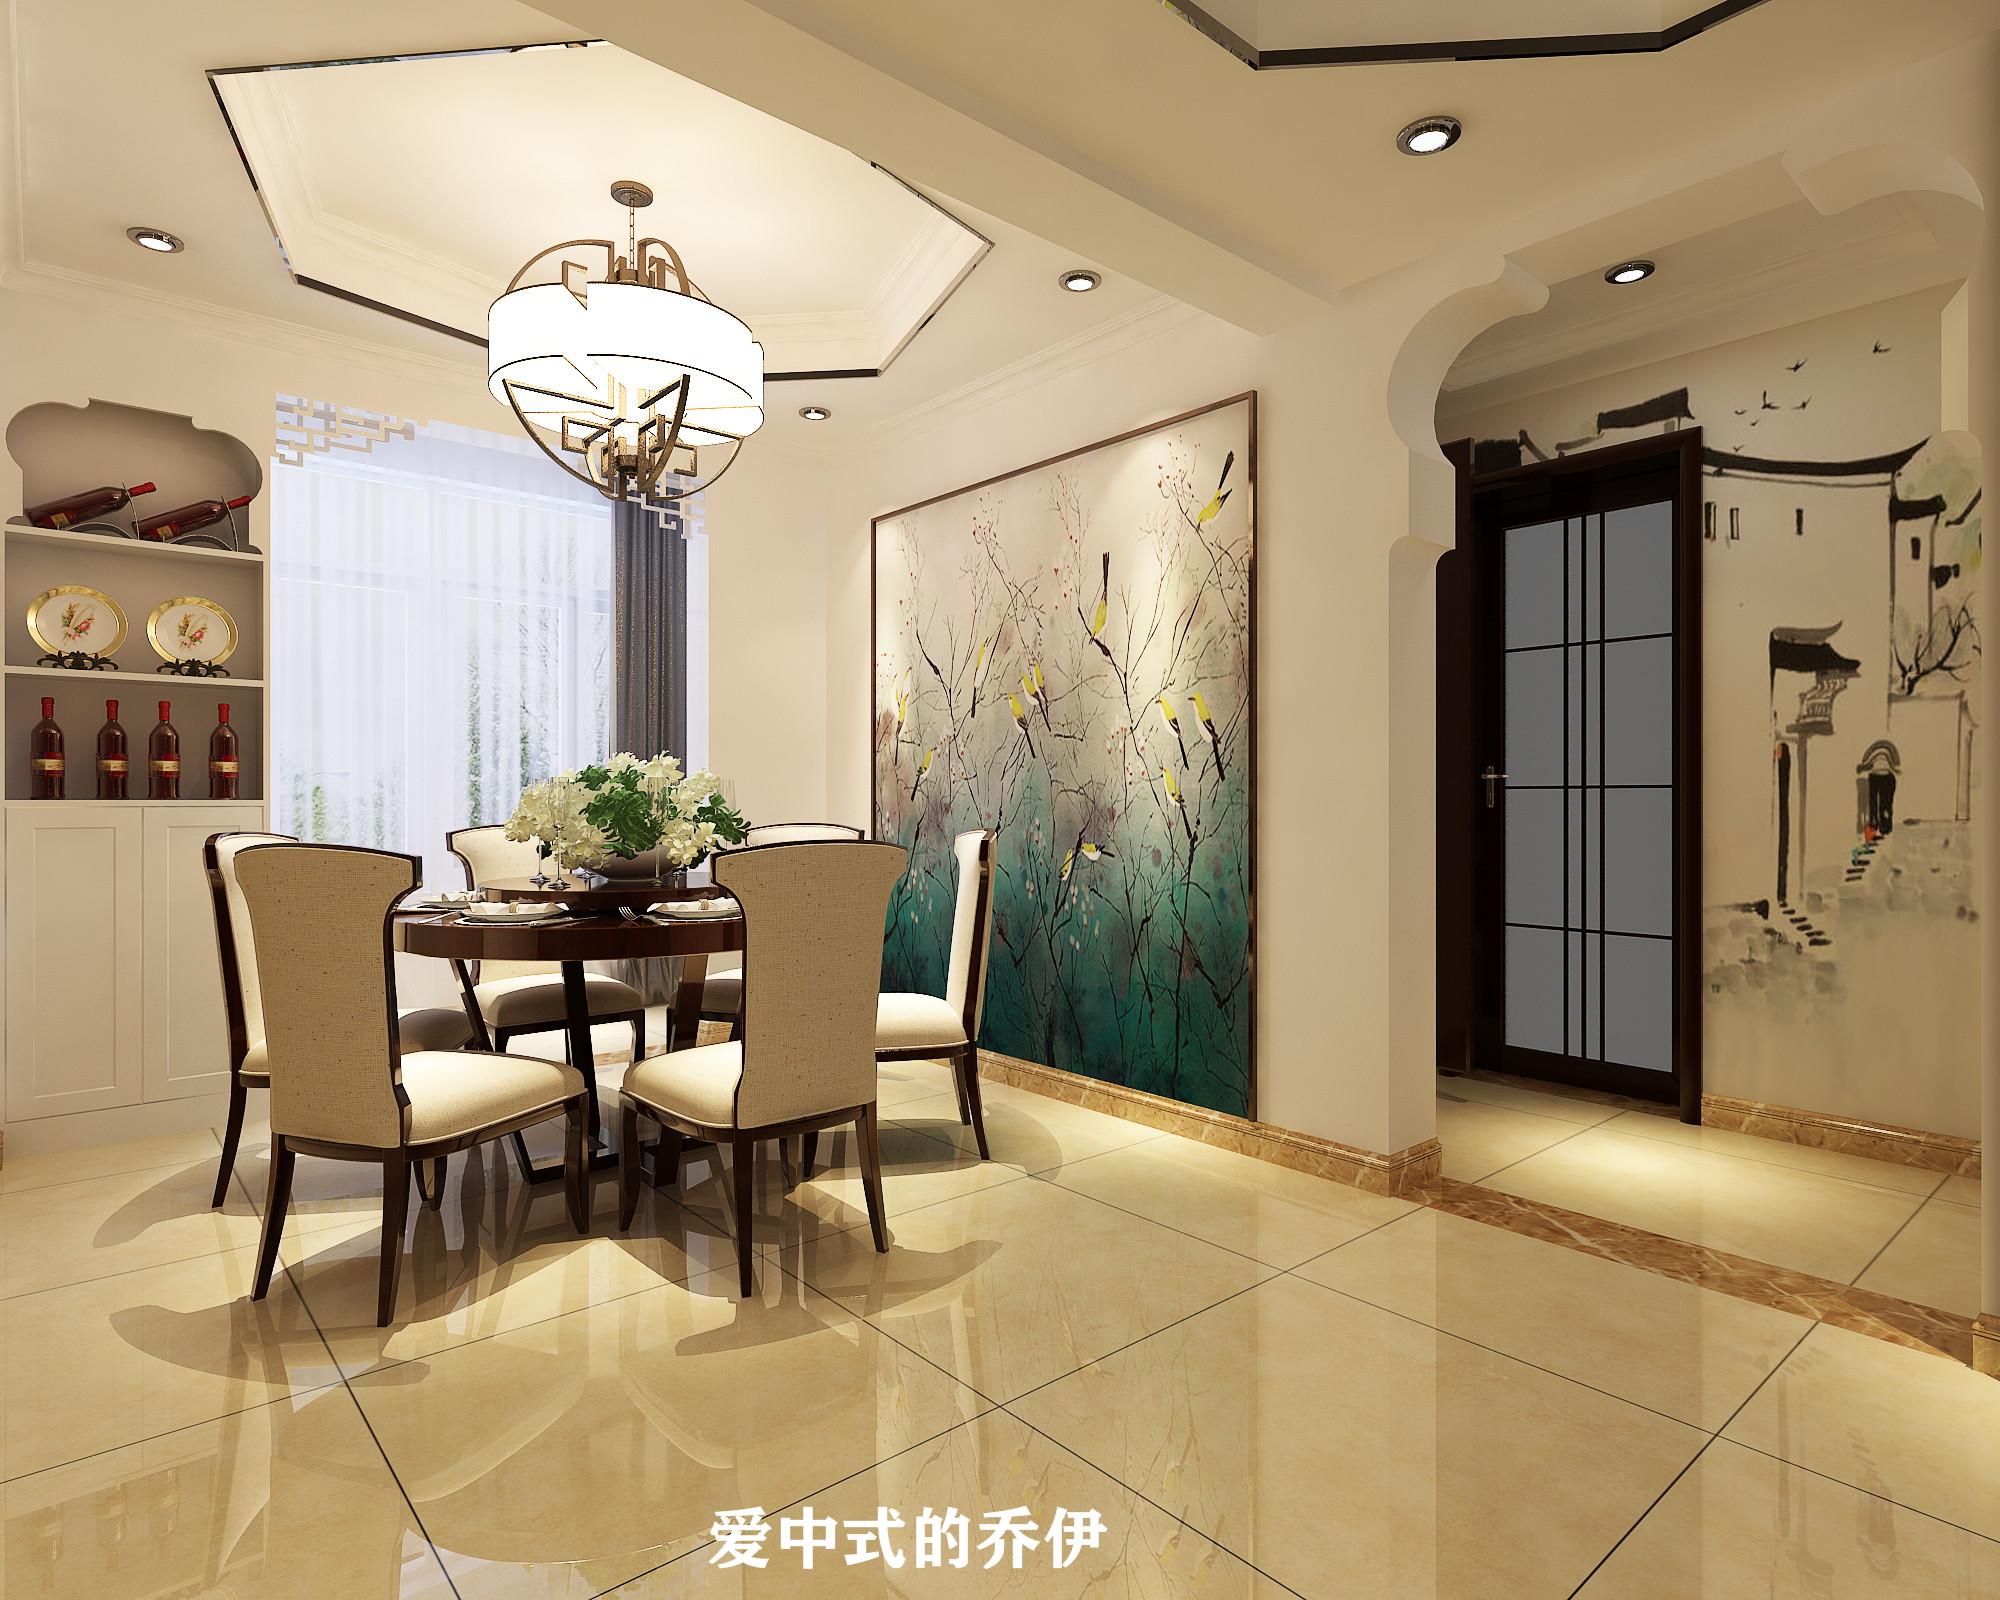 110㎡中式风格餐厅装修效果图